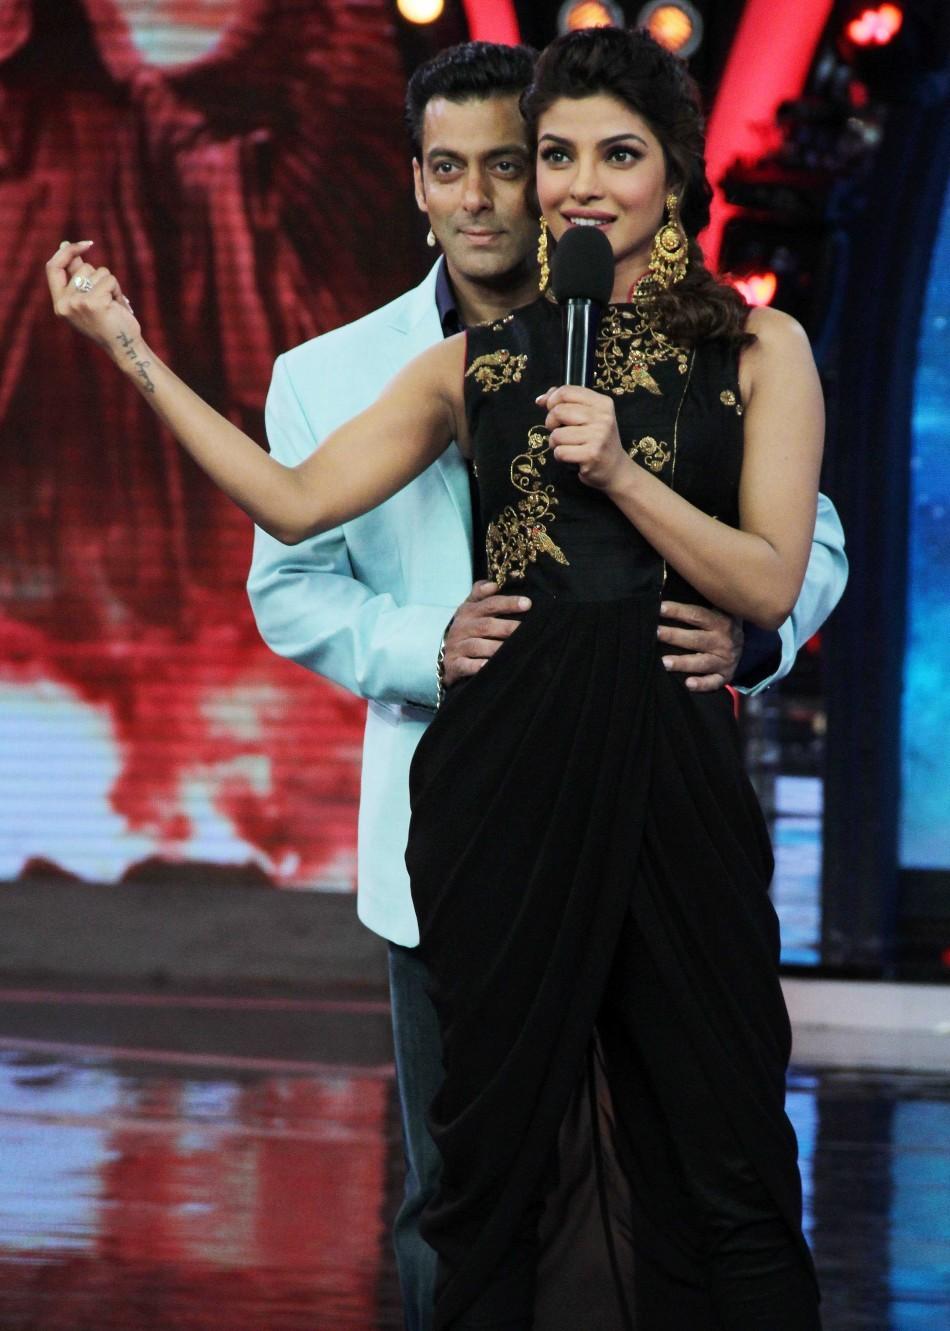 Priyanka Chopra and Salman Khan at Bigg Boss 7 (photo Varinder Chawla)